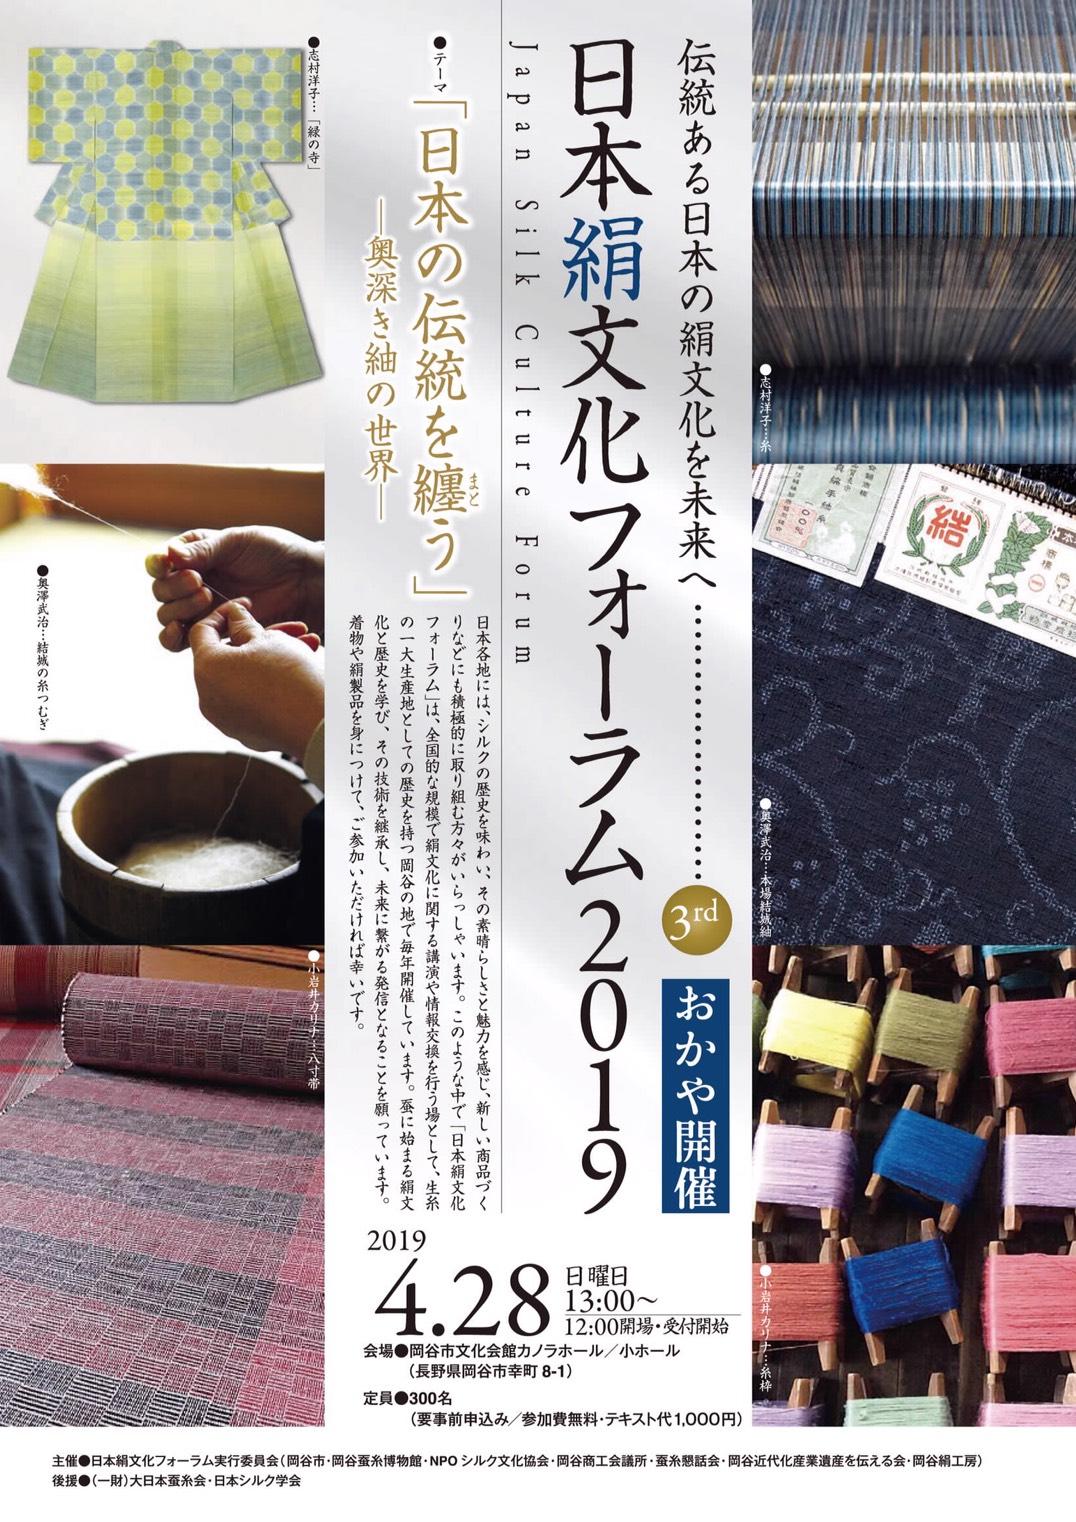 絲都 岡谷市(長野)で開催されている「日本絹文化フォーラム 2019」